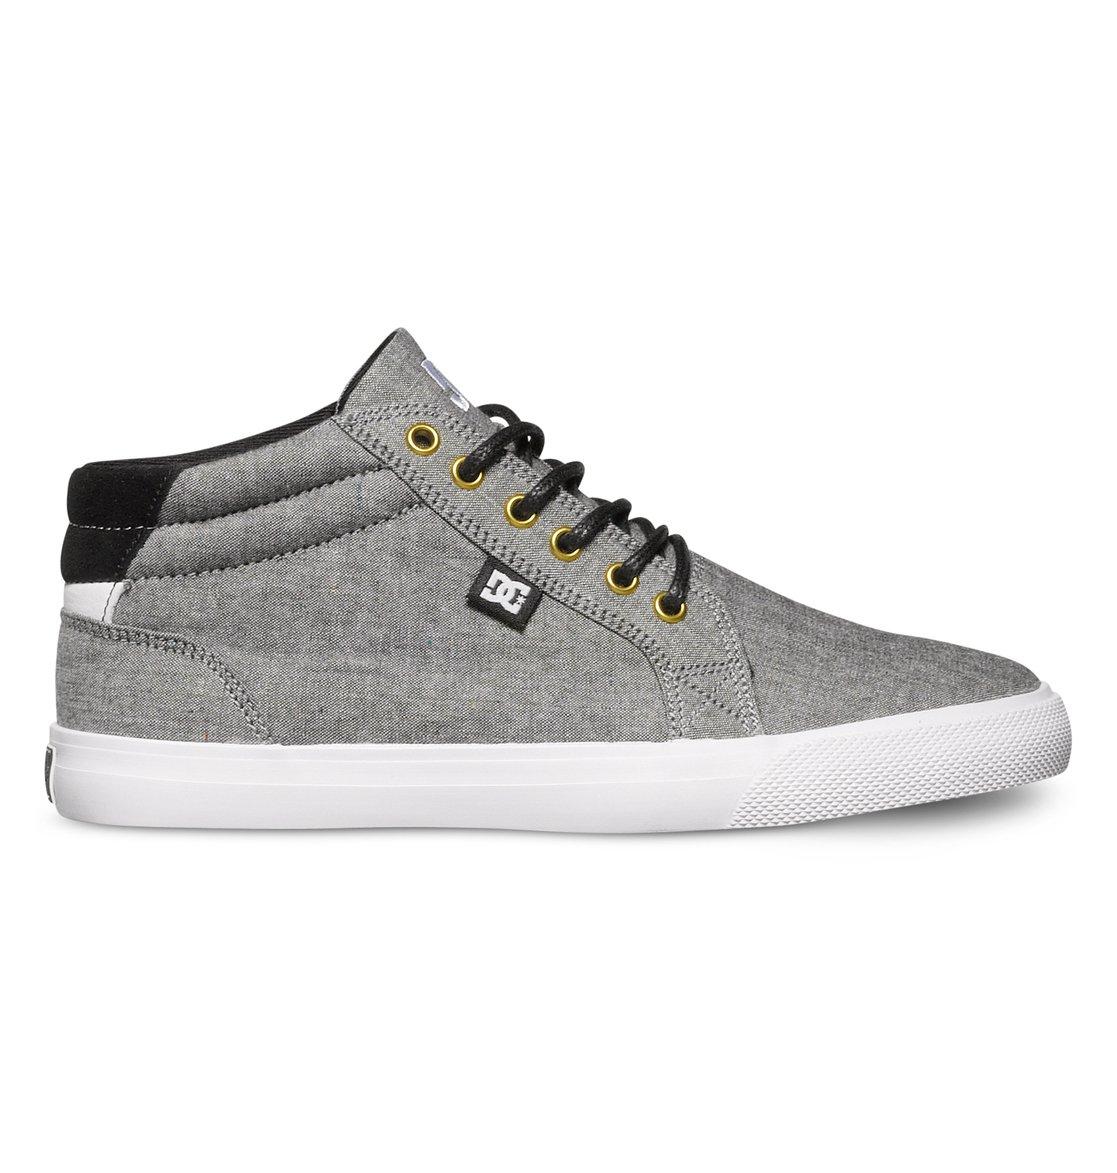 DC Shoes Council SE - Mid-Top Shoes - Chaussures mi-Hautes - Homme